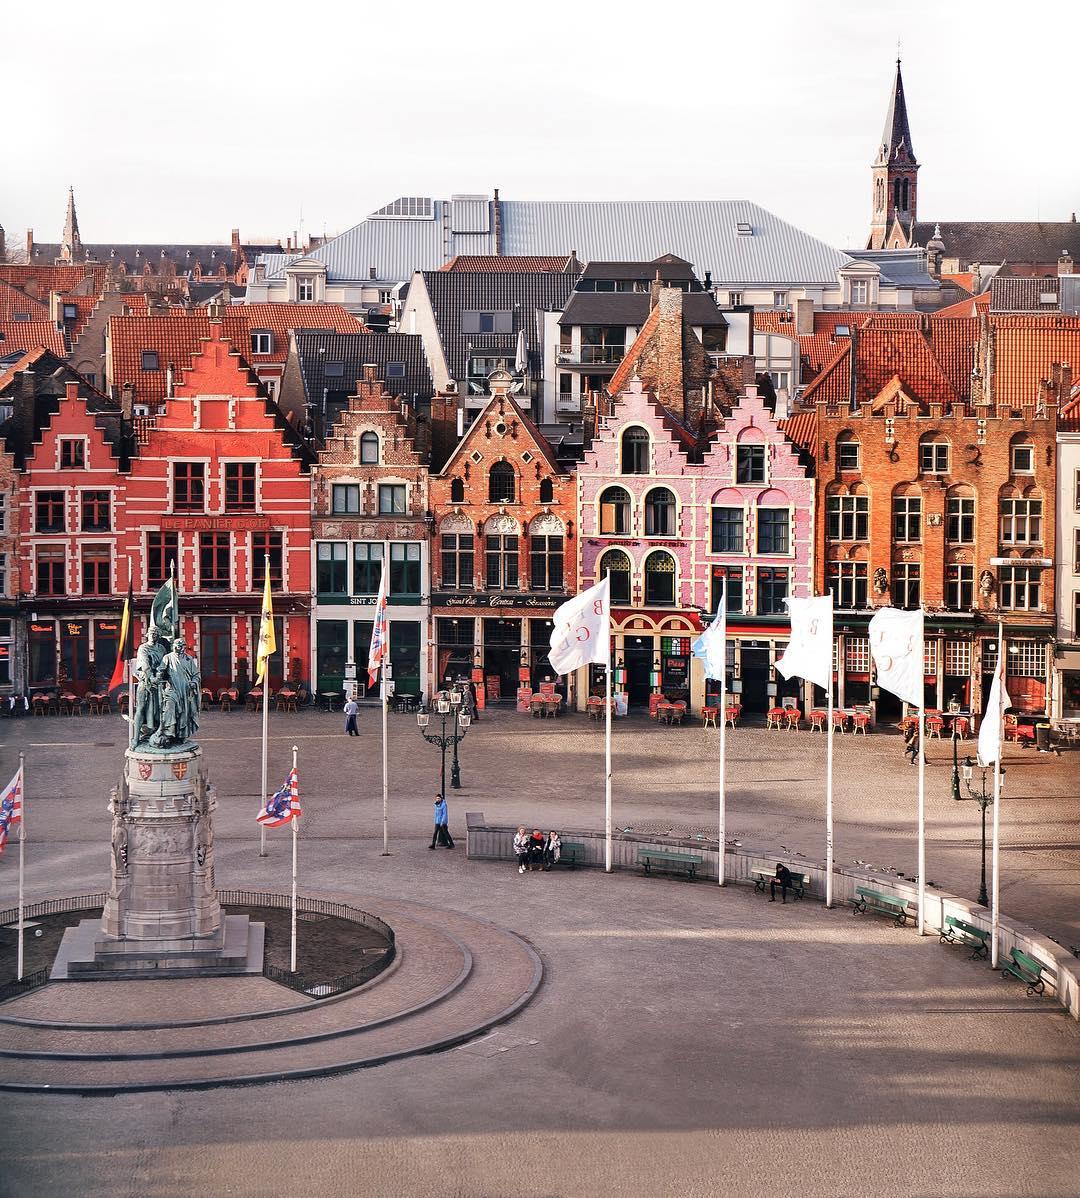 Города Европы с красивыми «пряничными» домиками - Брюгге (Бельгия)